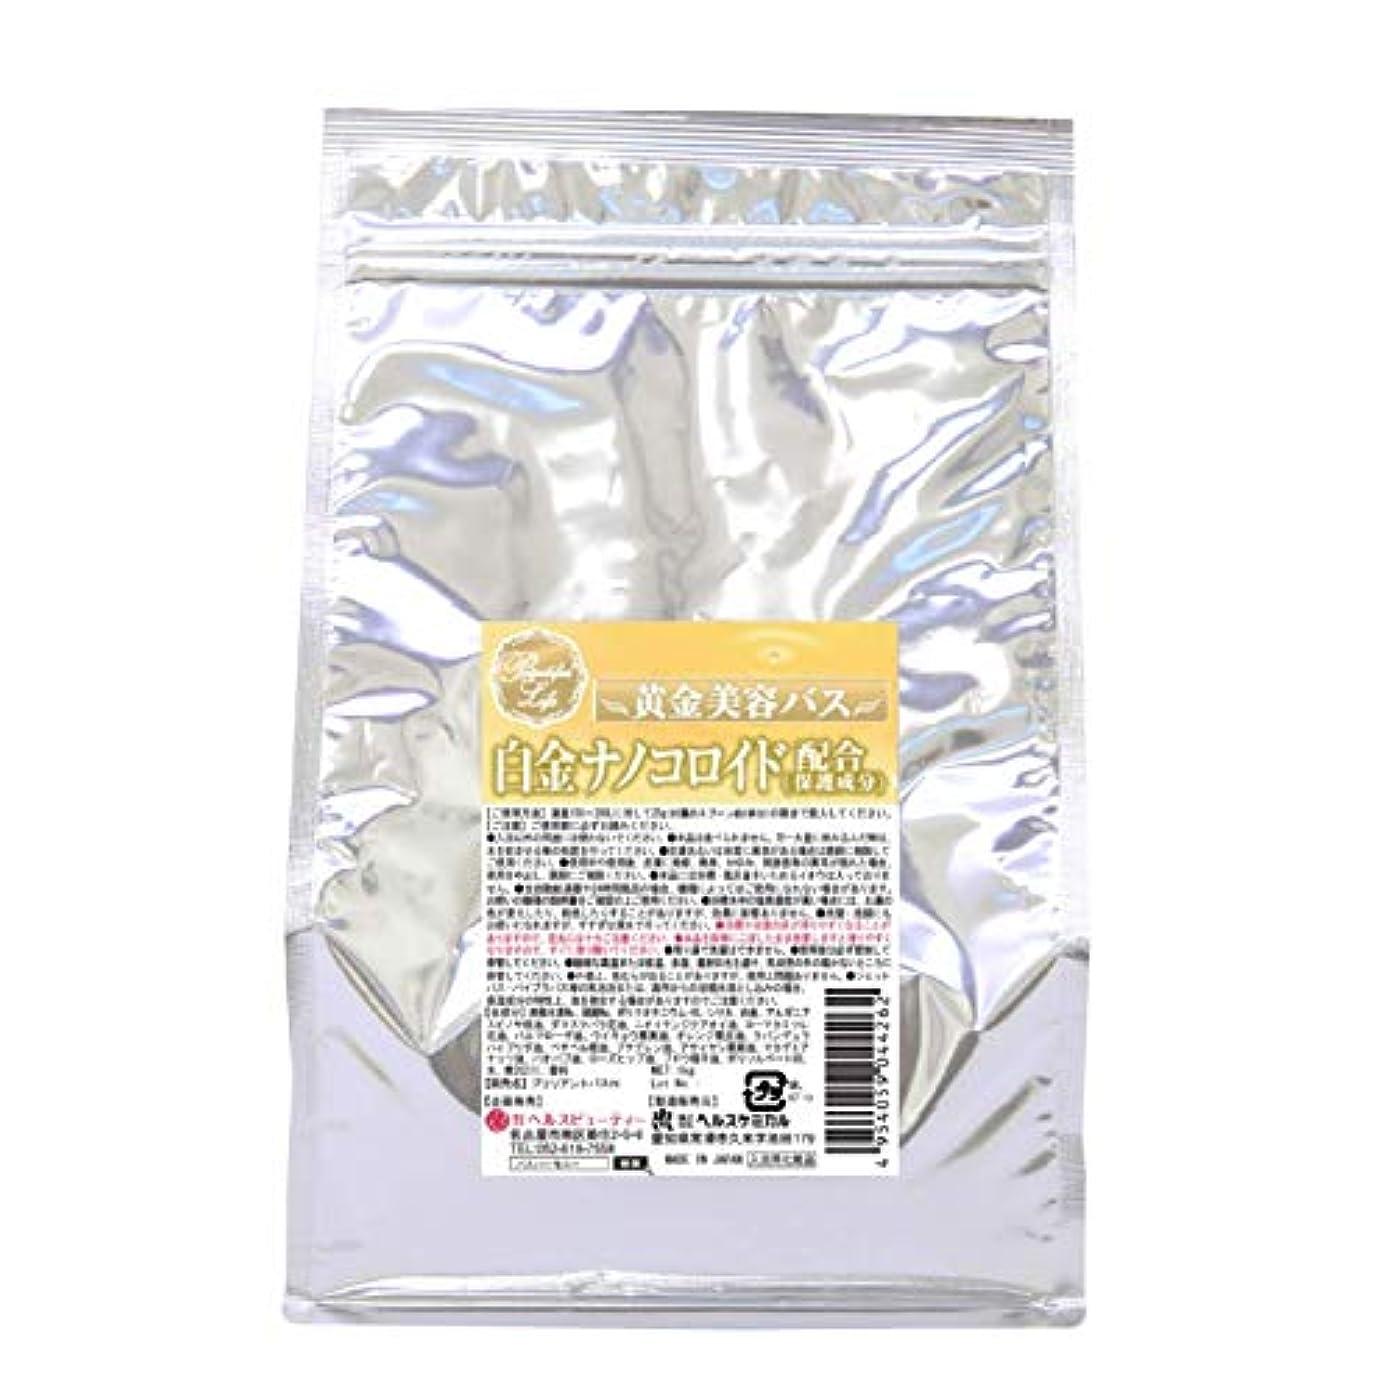 ただ悪質なエクステント入浴剤 湯匠仕込 白金ナノコロイド配合 1kg 50回分 お徳用